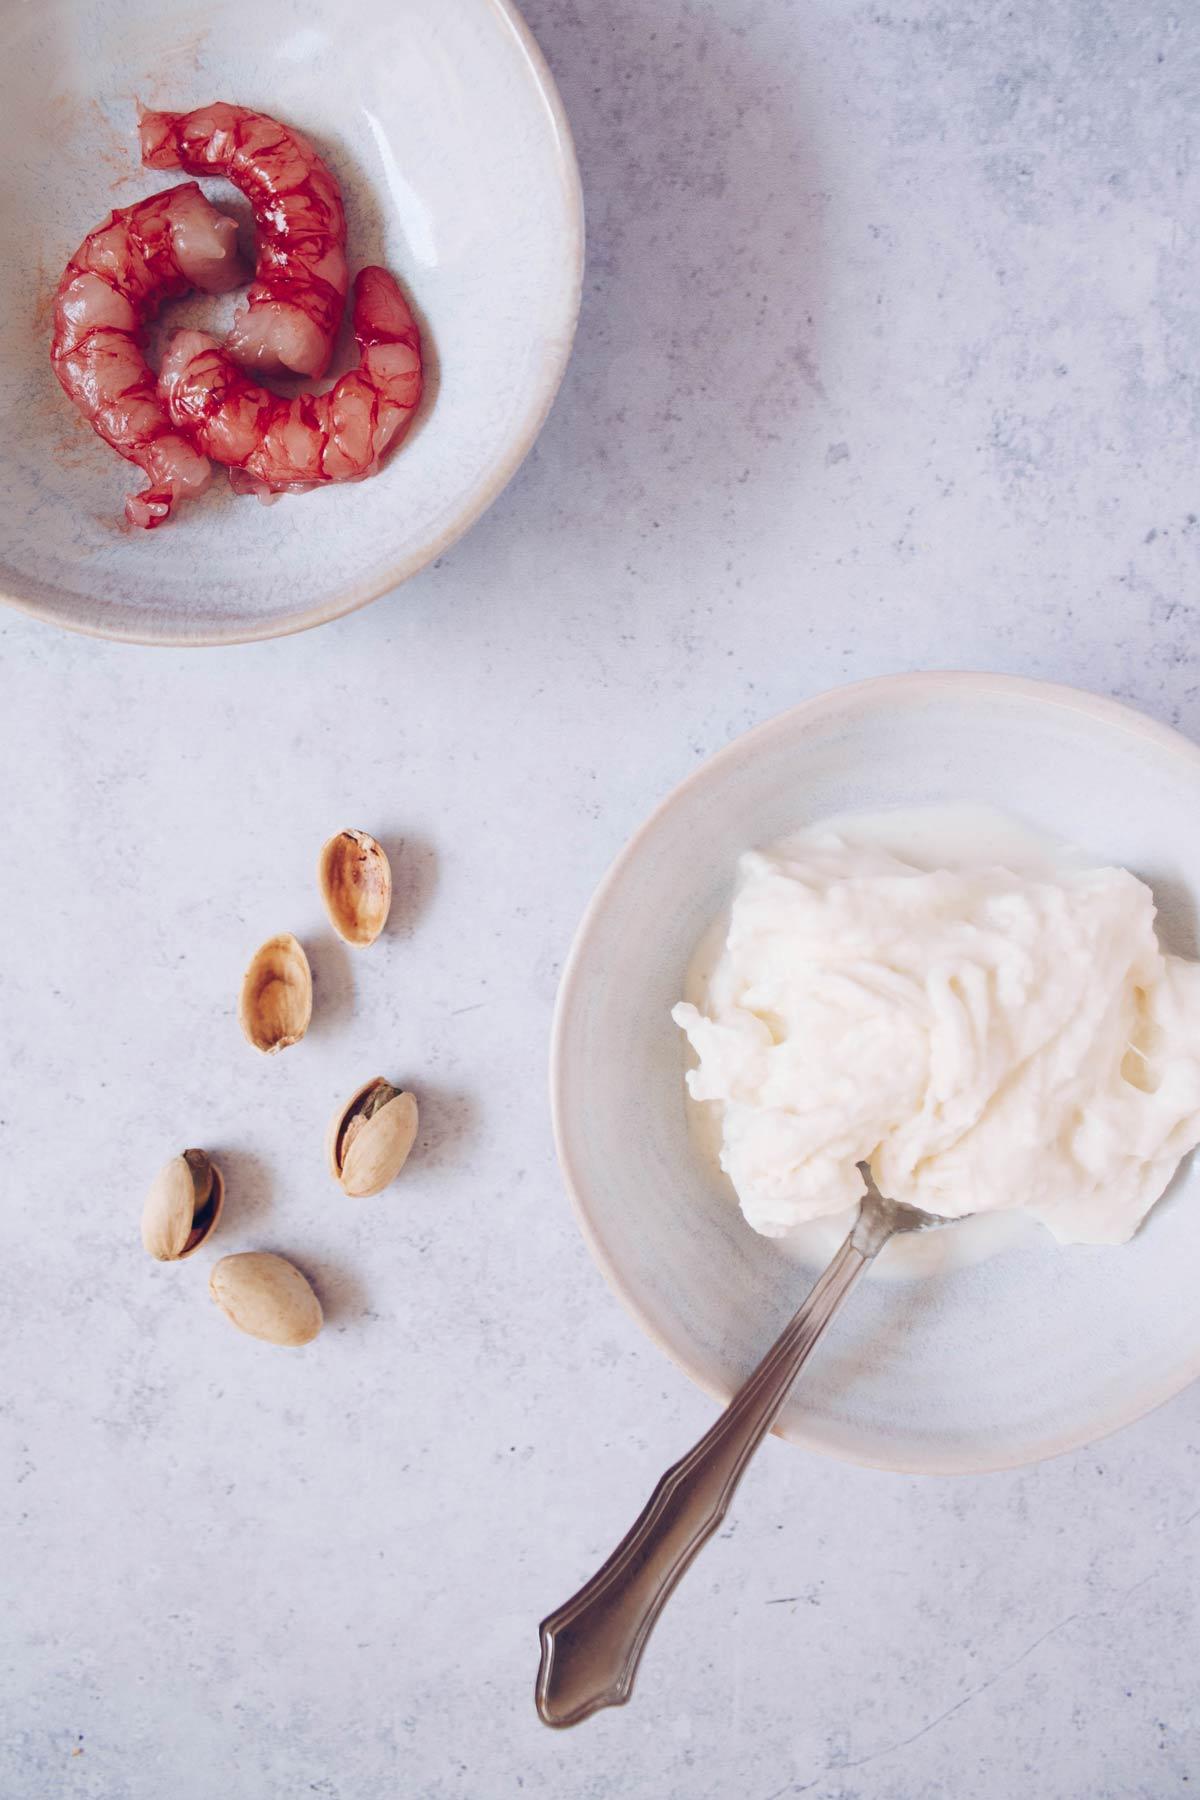 Tartare di gambero rosso - Ingredienti - Se questo è un uovo